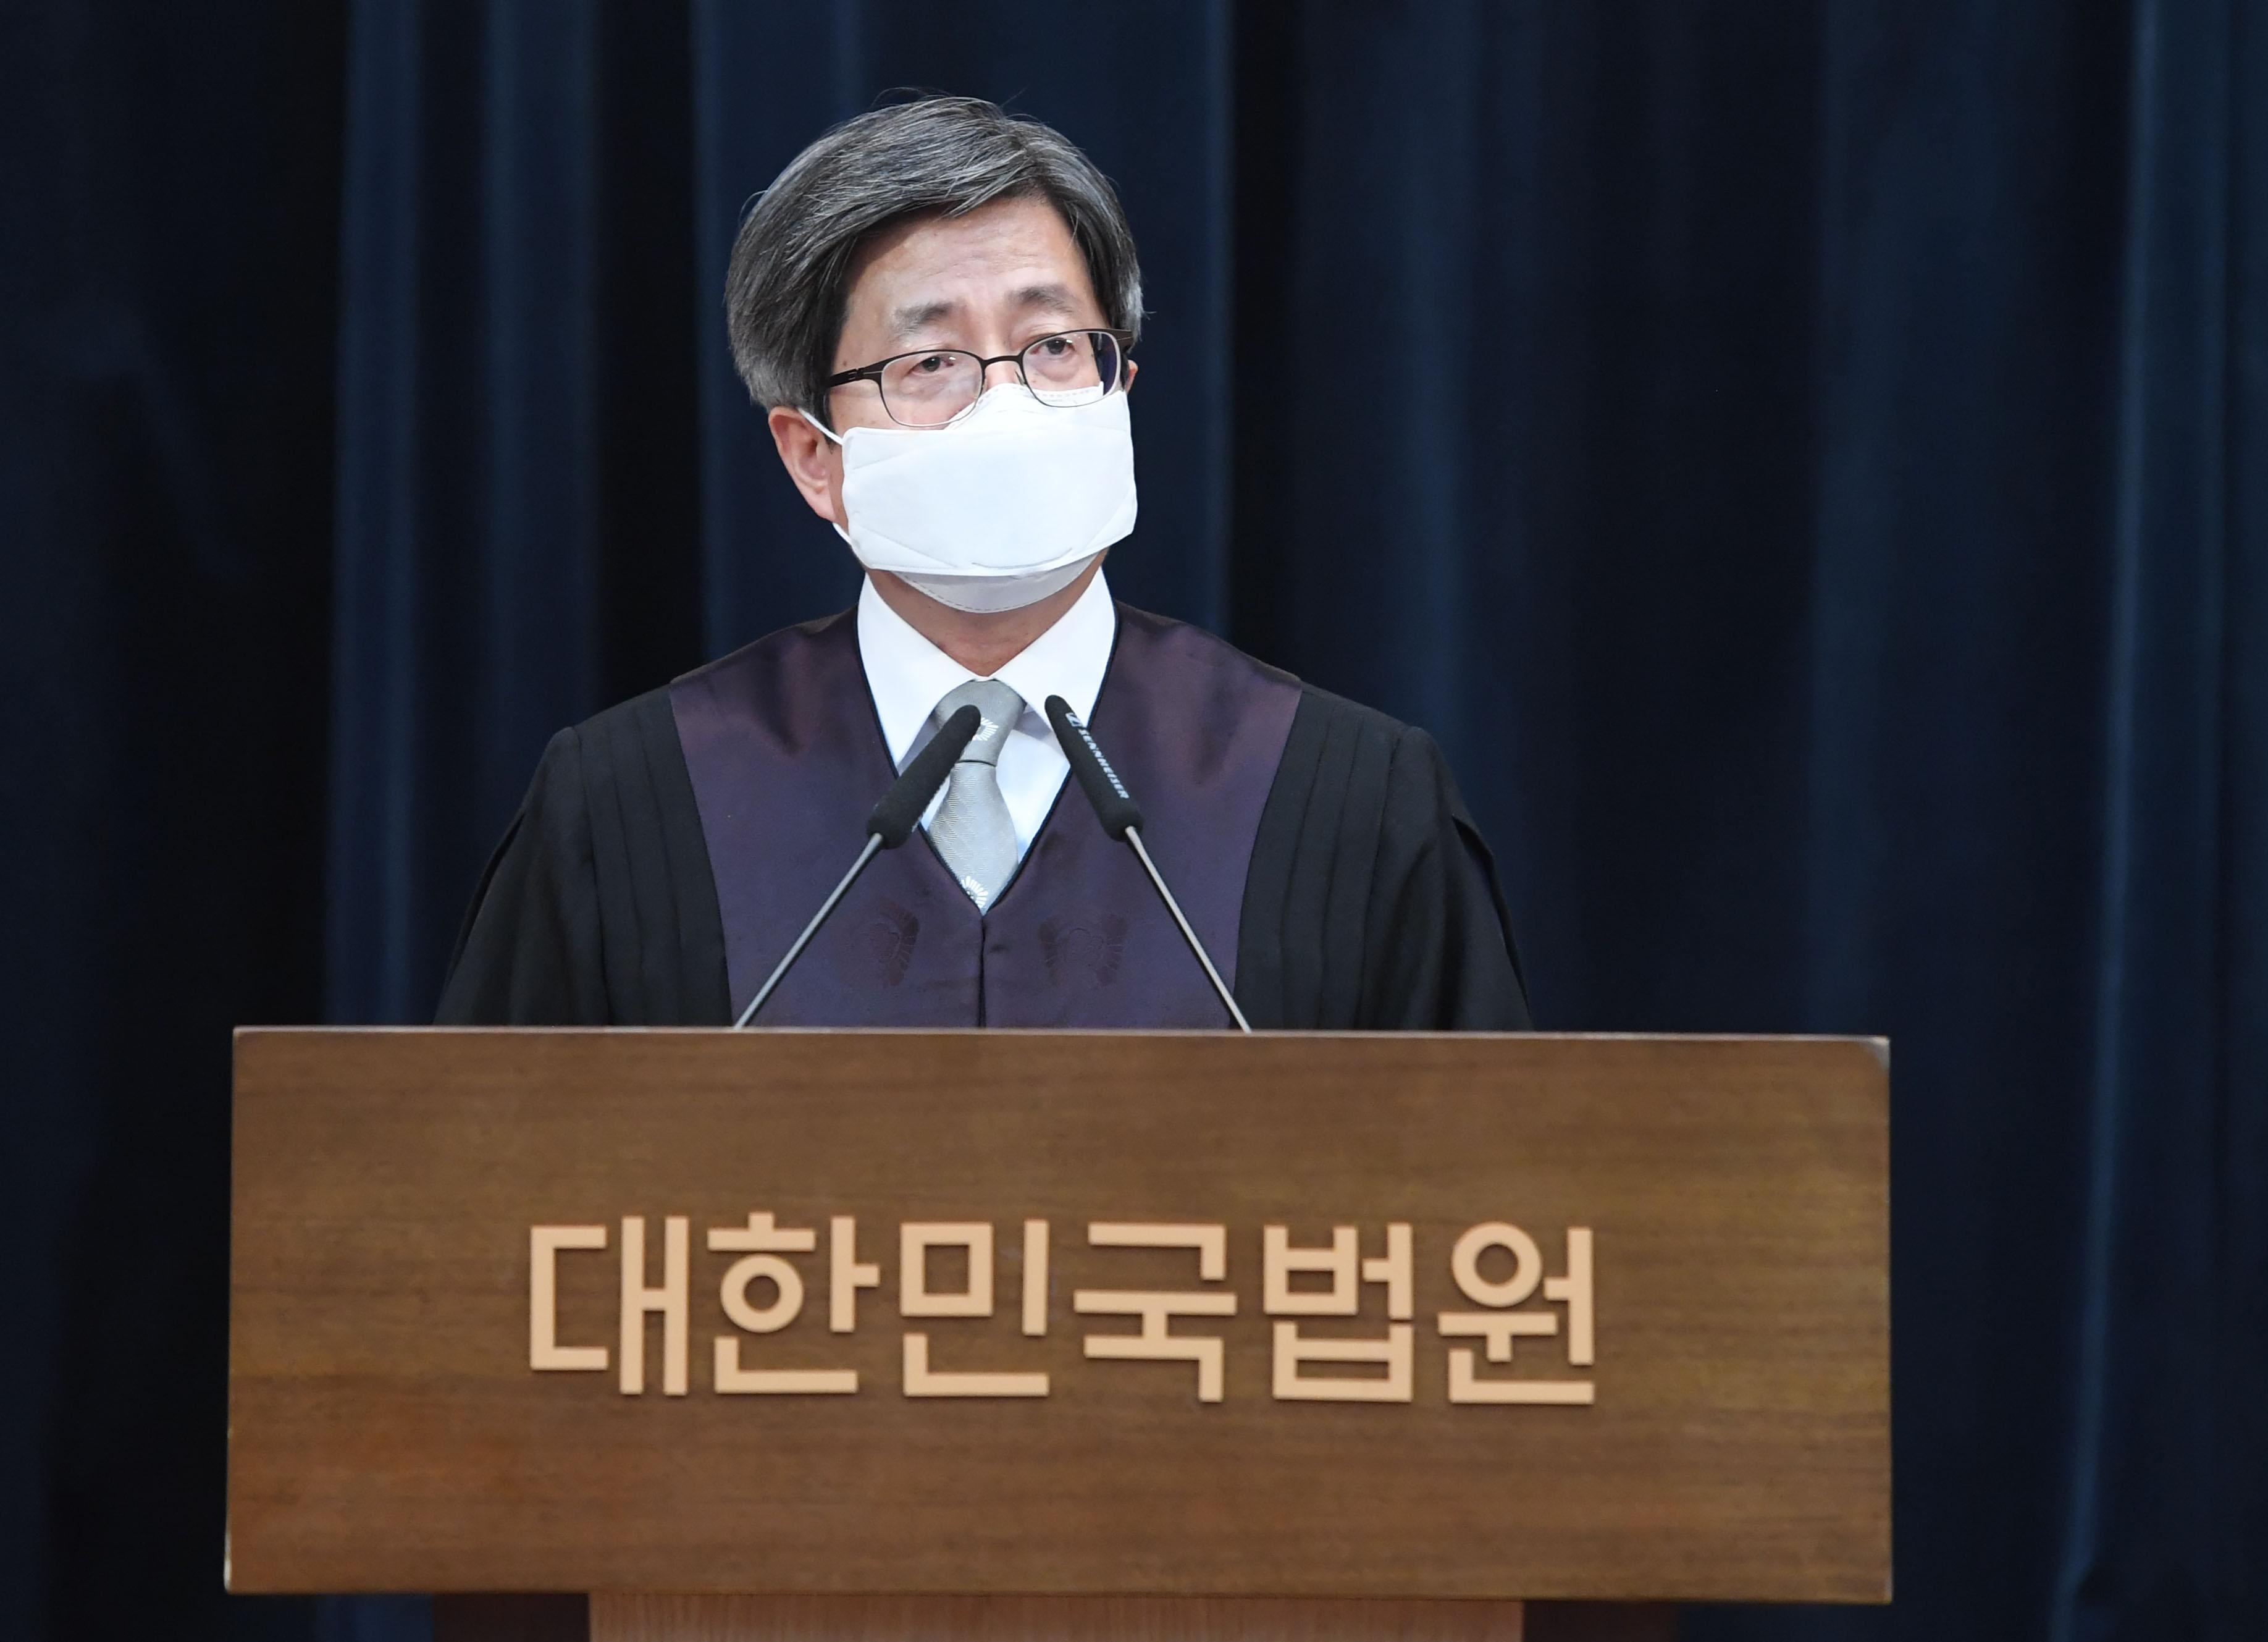 """김명수 대법원장 """"재판 독립 침해 시도에 당당히 맞서야"""""""